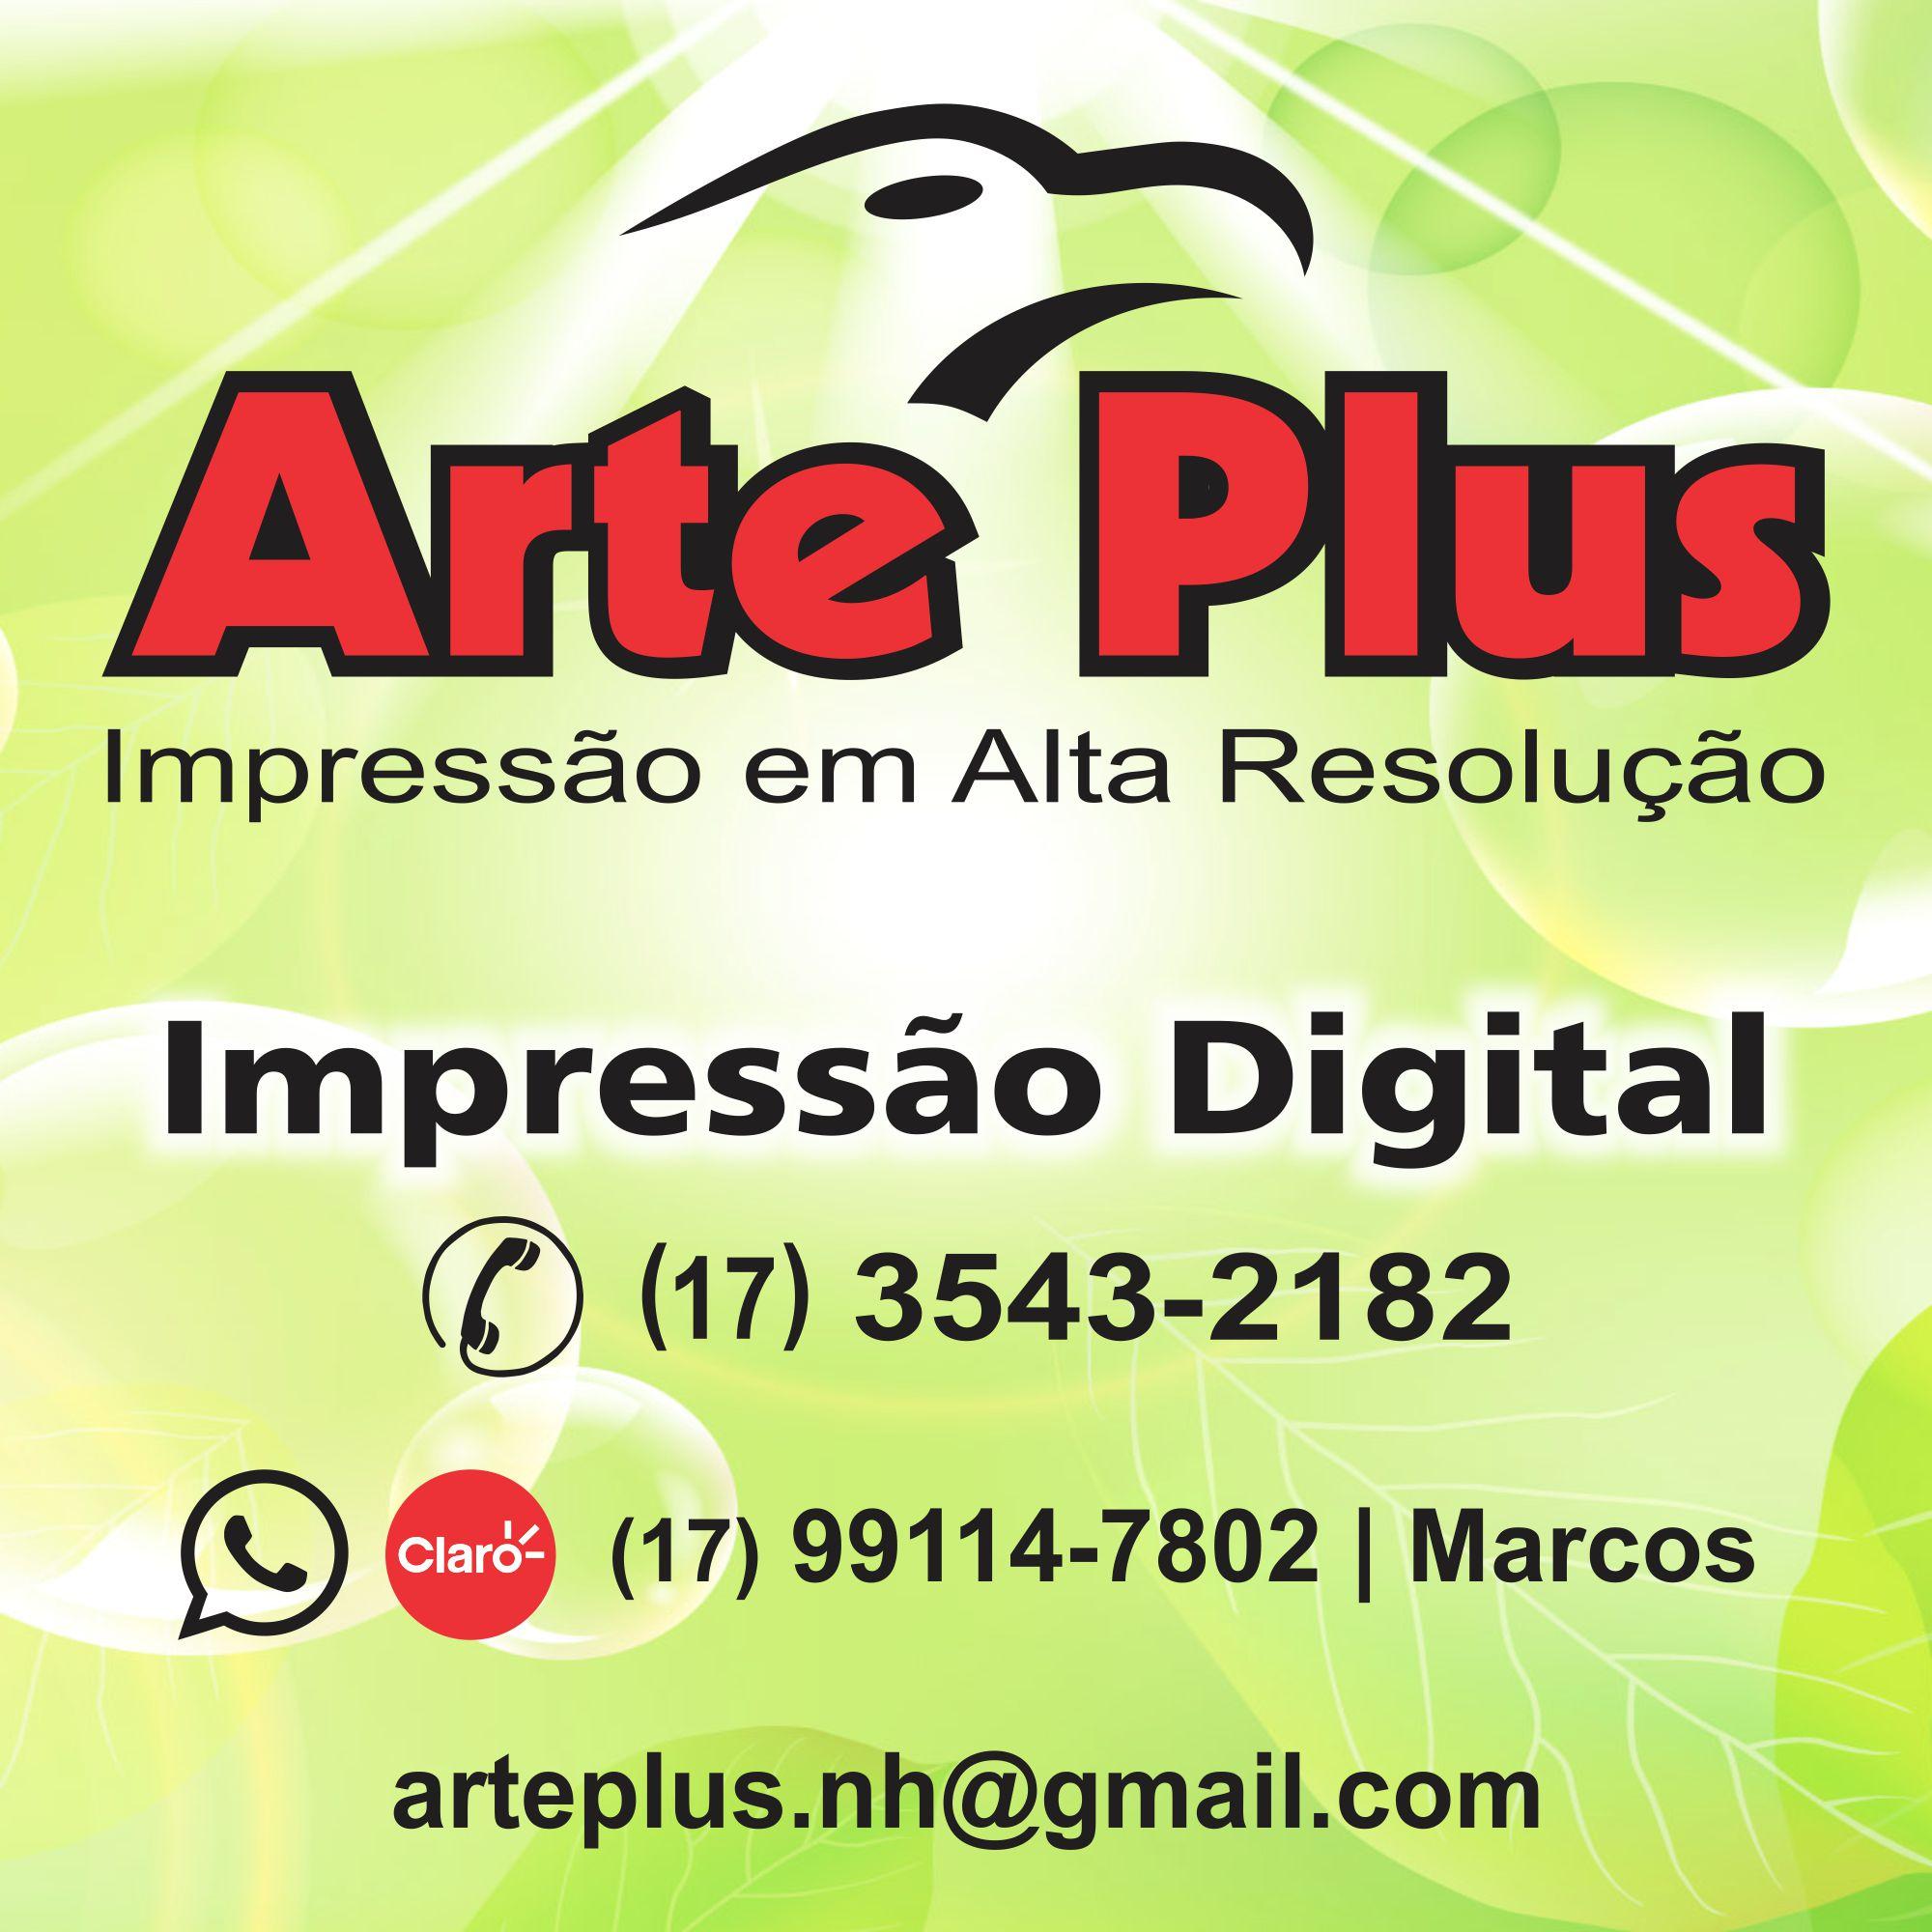 Arte Plus - Impressão em Alta Resolução